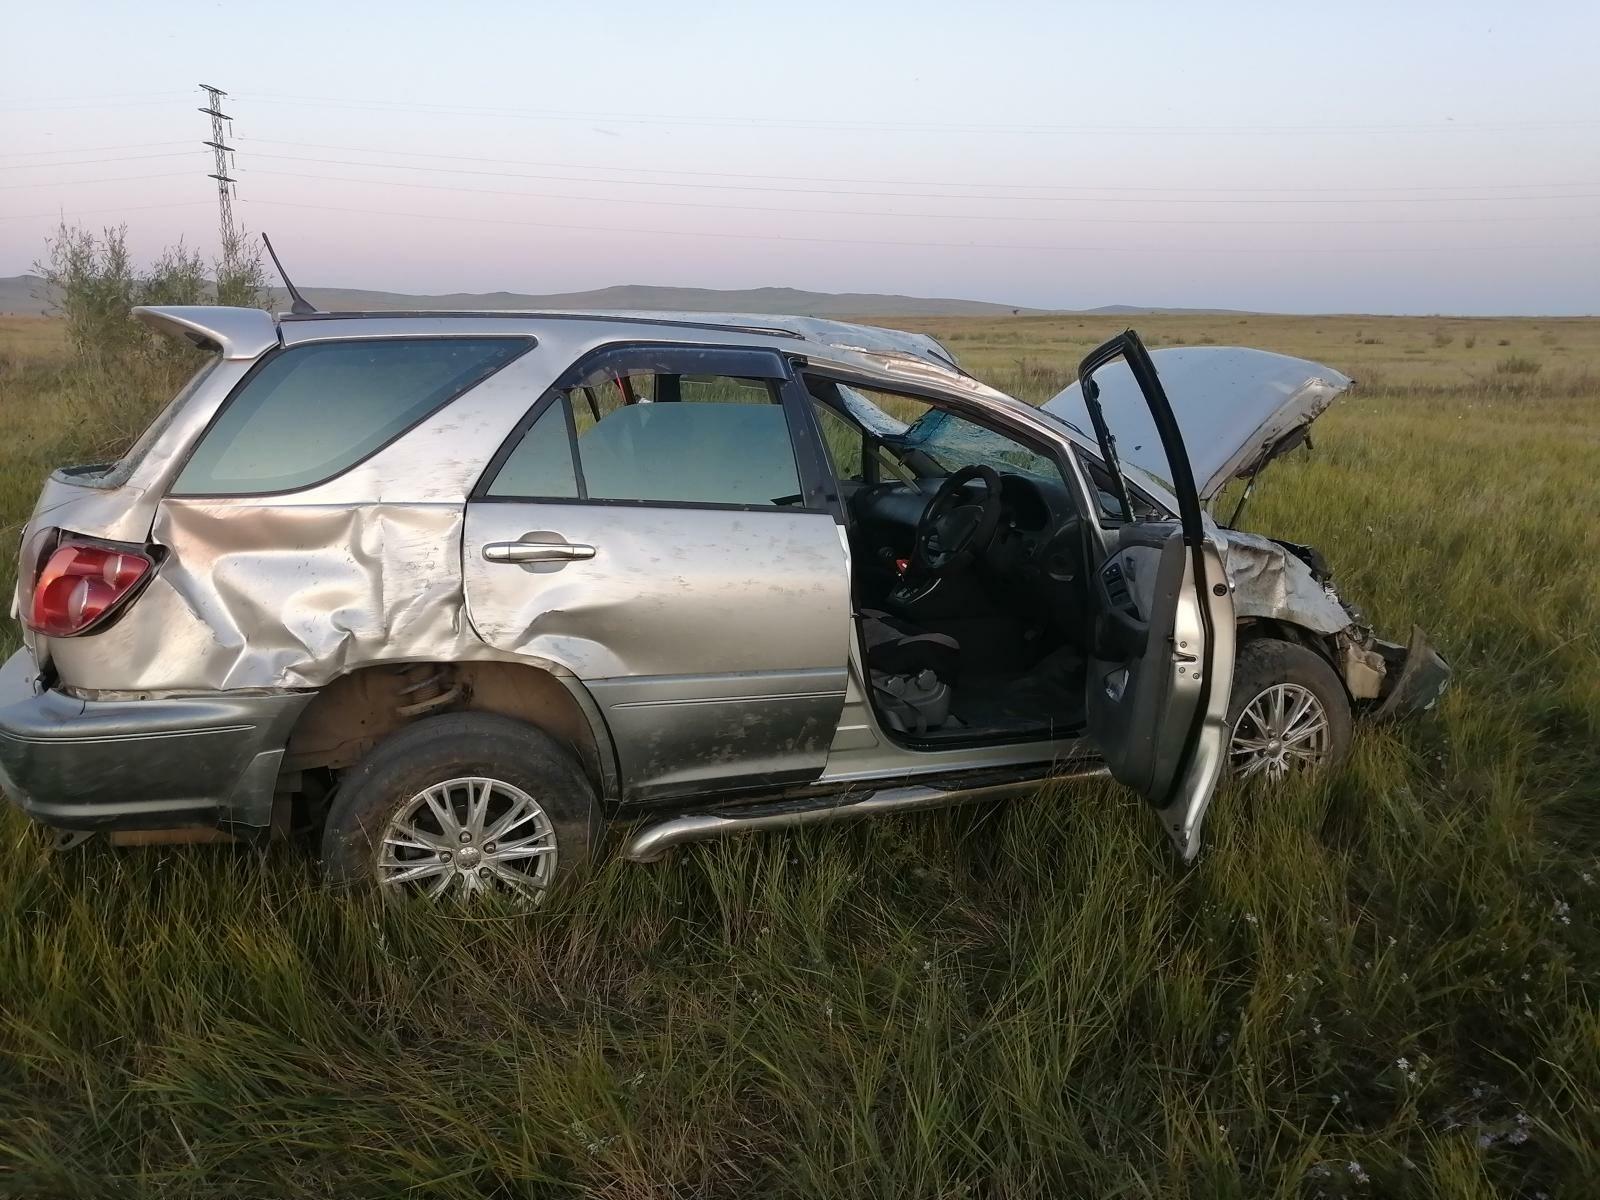 В Оловяннинском районе водитель Toyota Harrier съехал с дороги и перевернулся